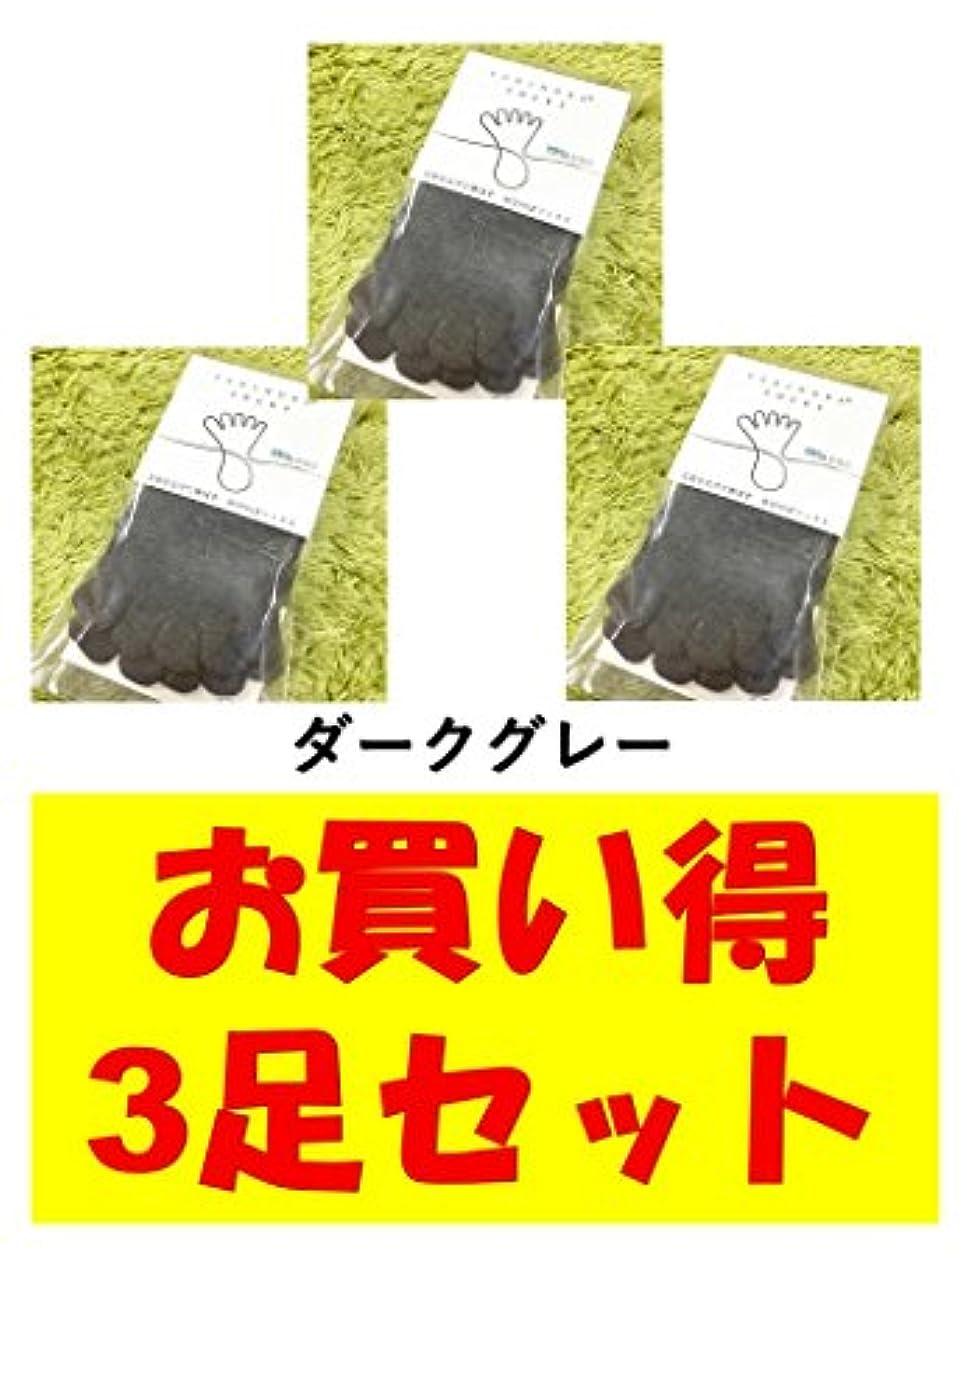 補助金つづり運営お買い得3足セット 5本指 ゆびのばソックス ゆびのばレギュラー ダークグレー 女性用 22.0cm-25.5cm HSREGR-DGL